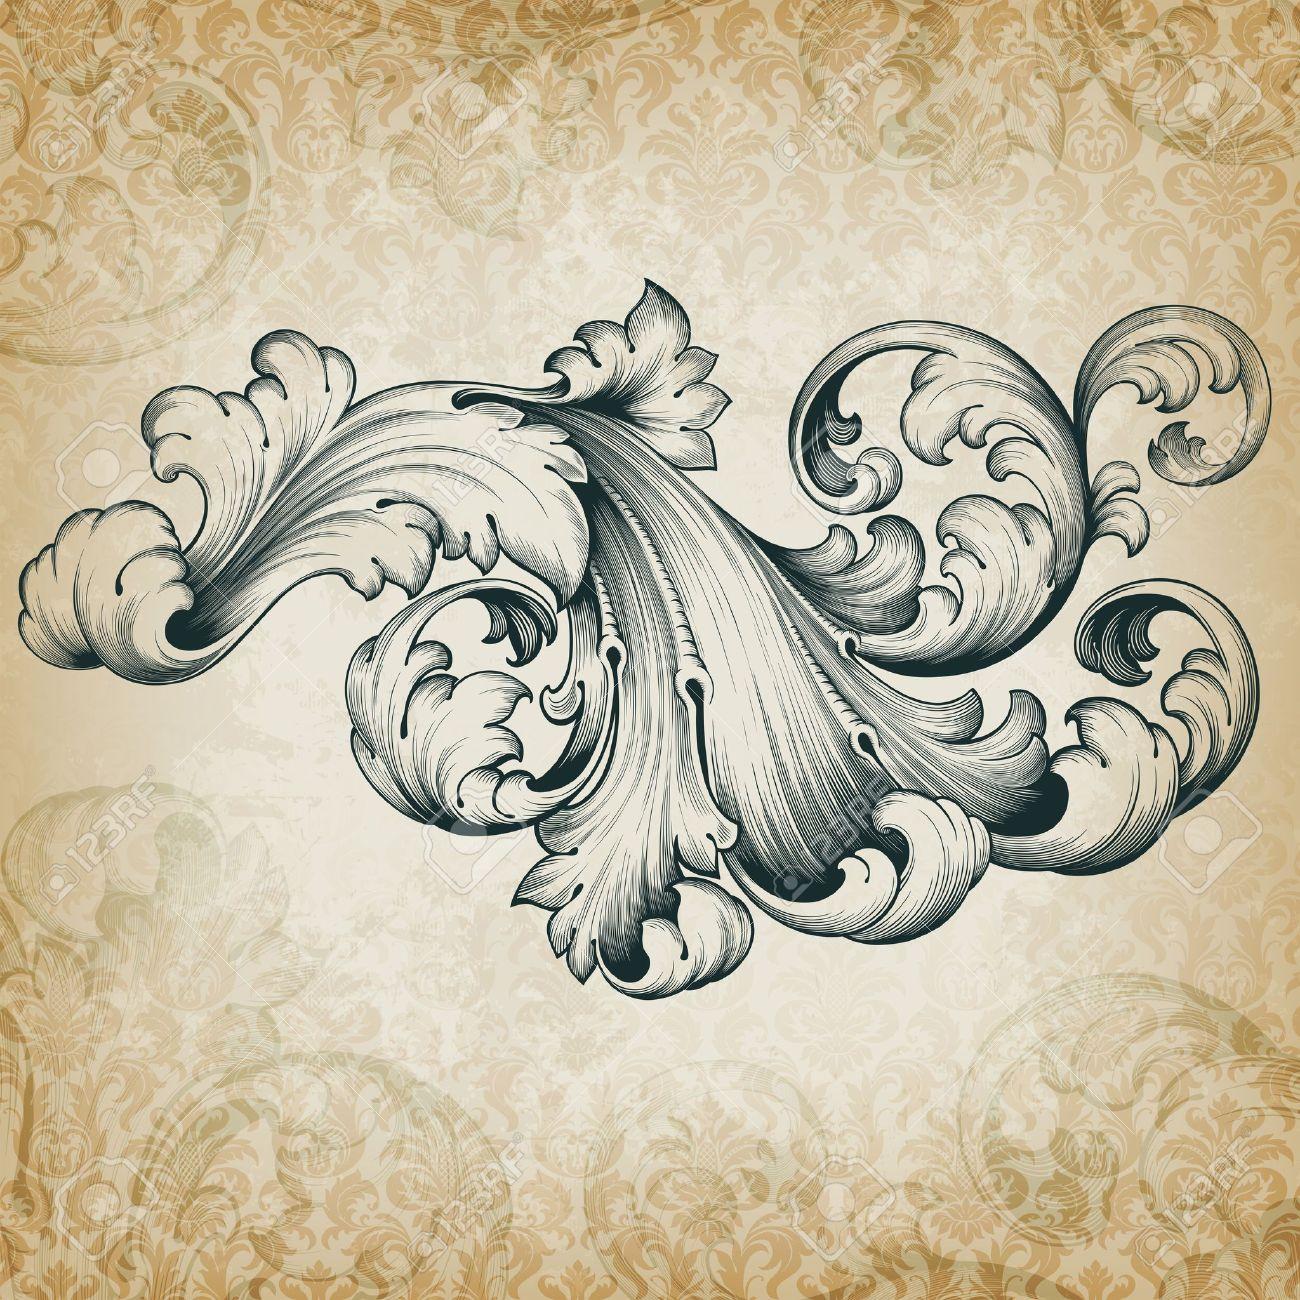 vintage baroque engraving floral scroll filigree design frame border acanthus pattern element at retro grunge damask background - 15662165